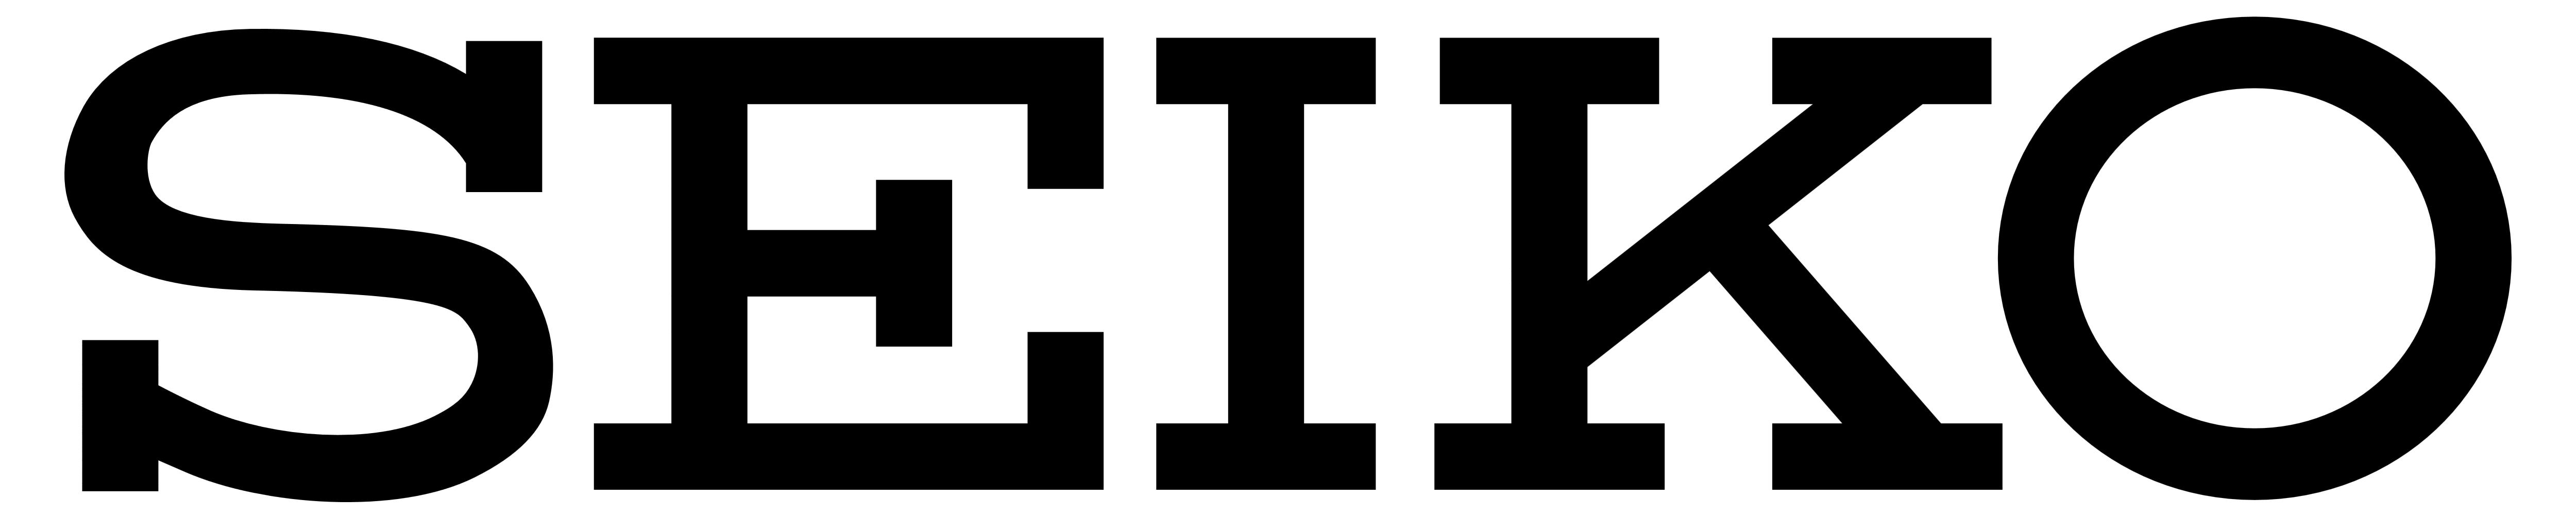 Thomas Built Buses >> Seiko – Logos Download